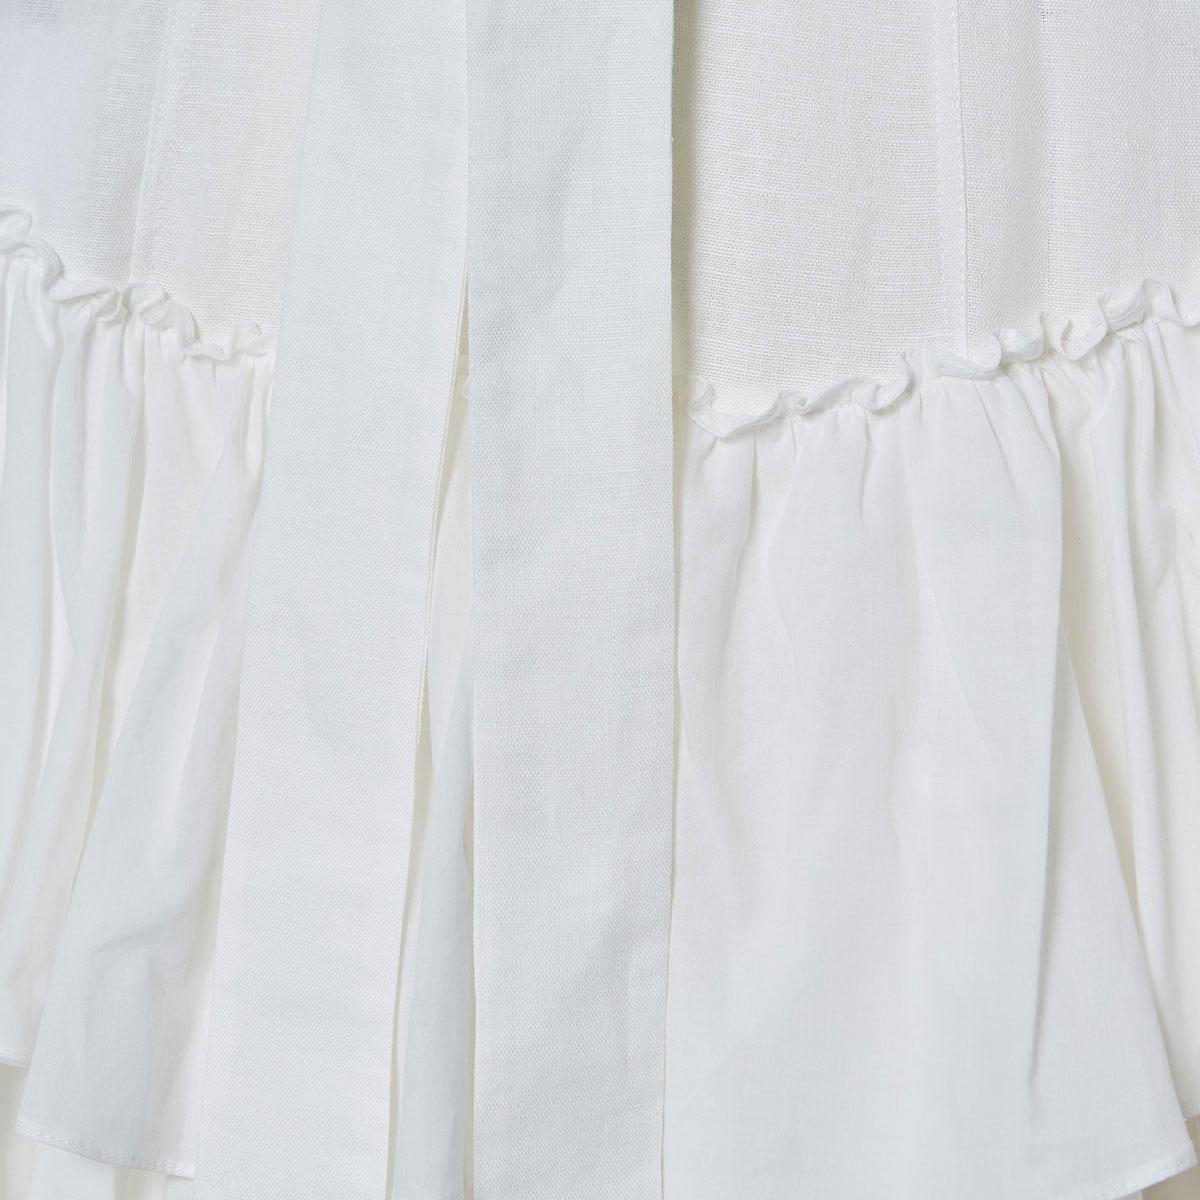 Long ruffled linen dress